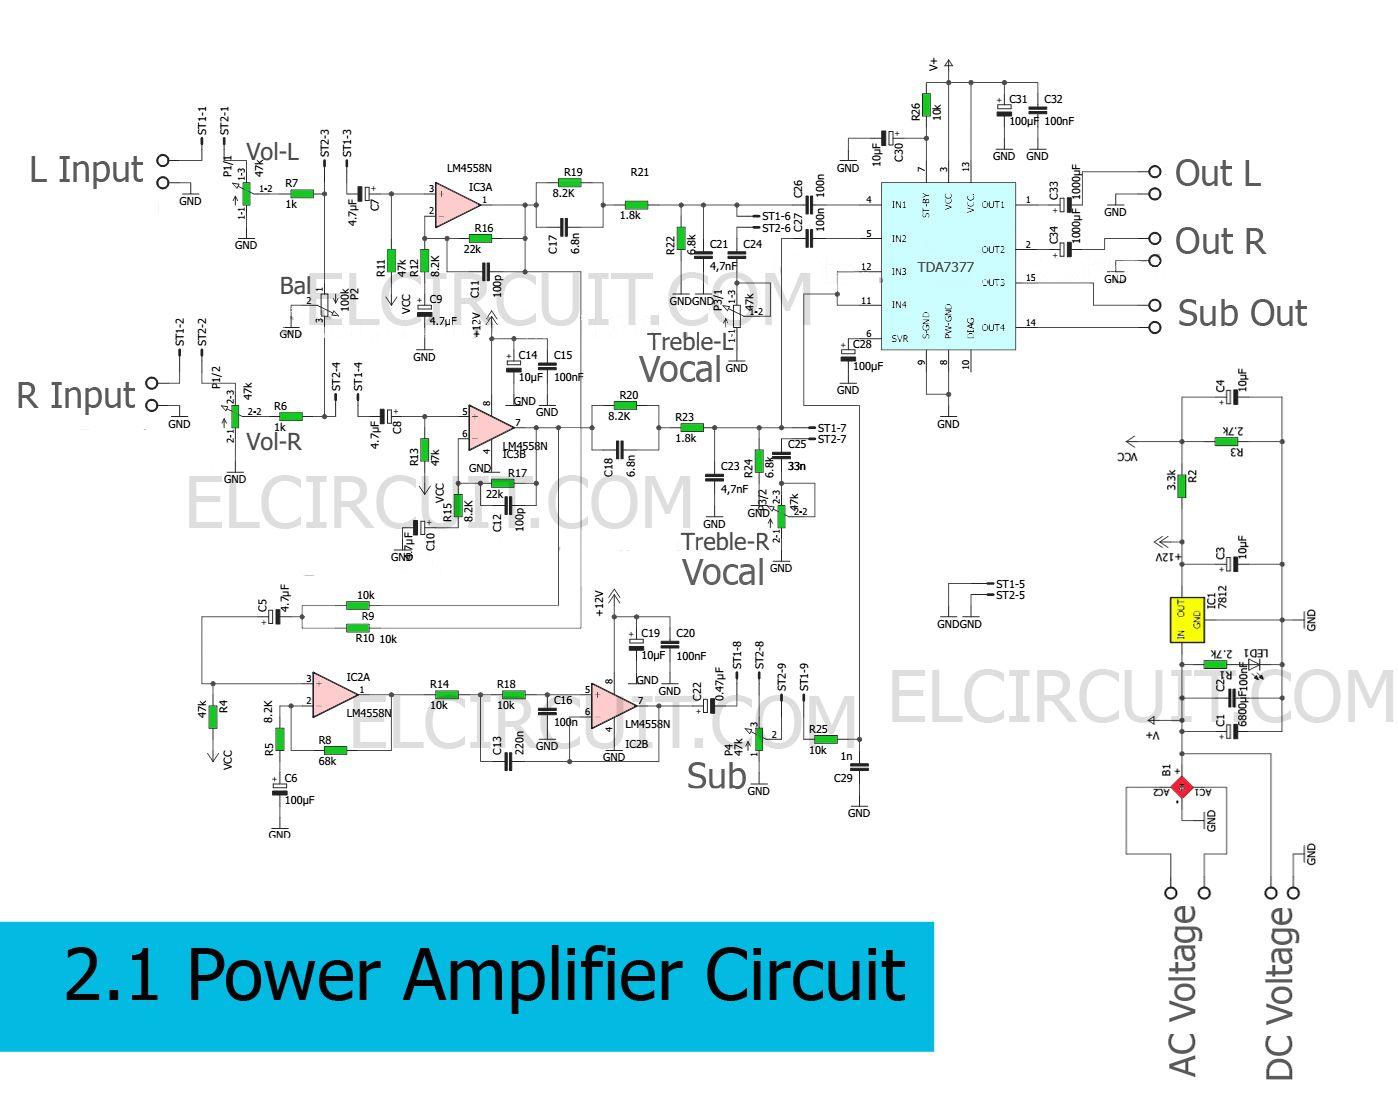 circuit schematic of 2 1 power amplifier using tda7377 [ 1398 x 1118 Pixel ]